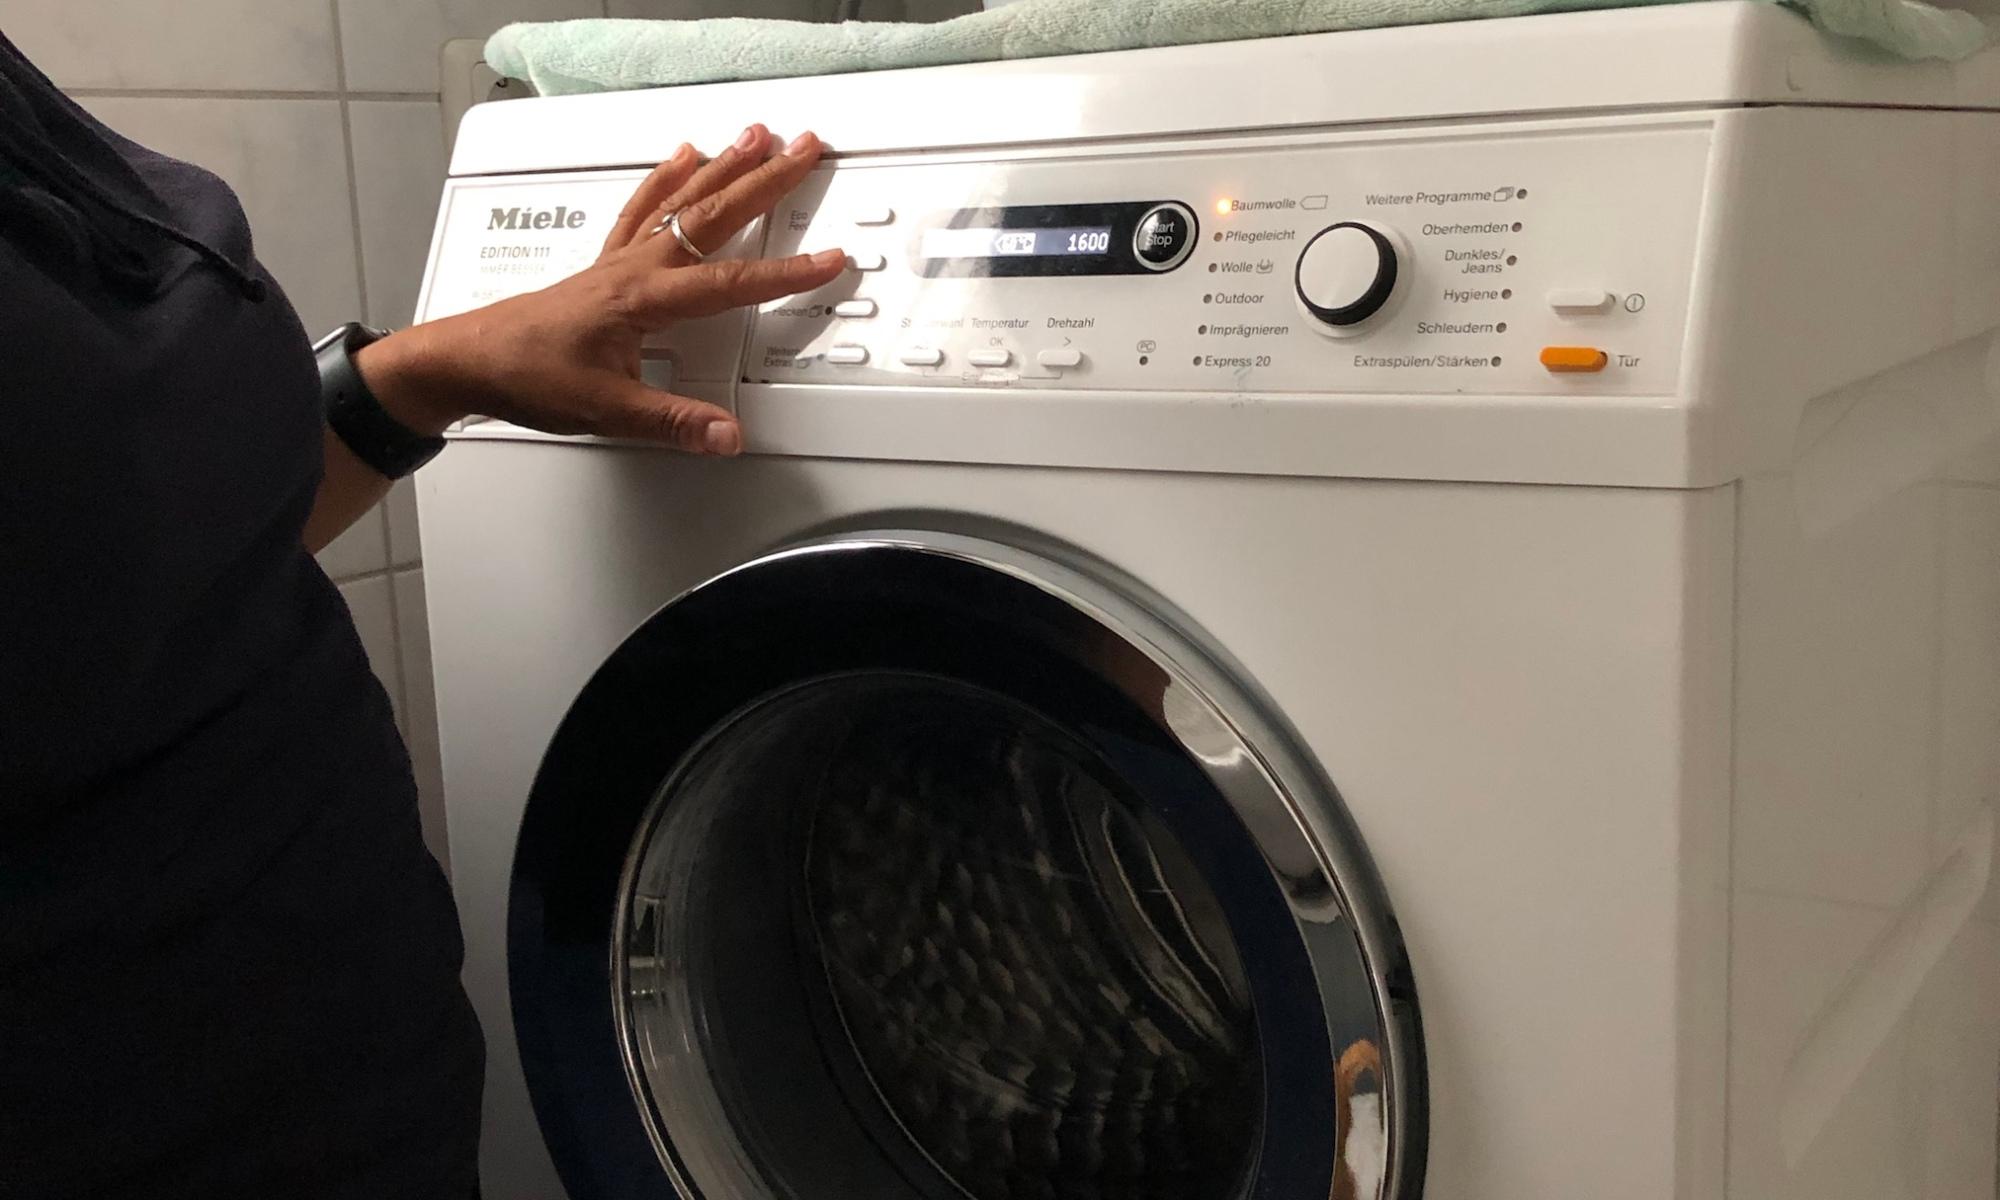 Waschmaschine mit fühlbaren Bedienelementen